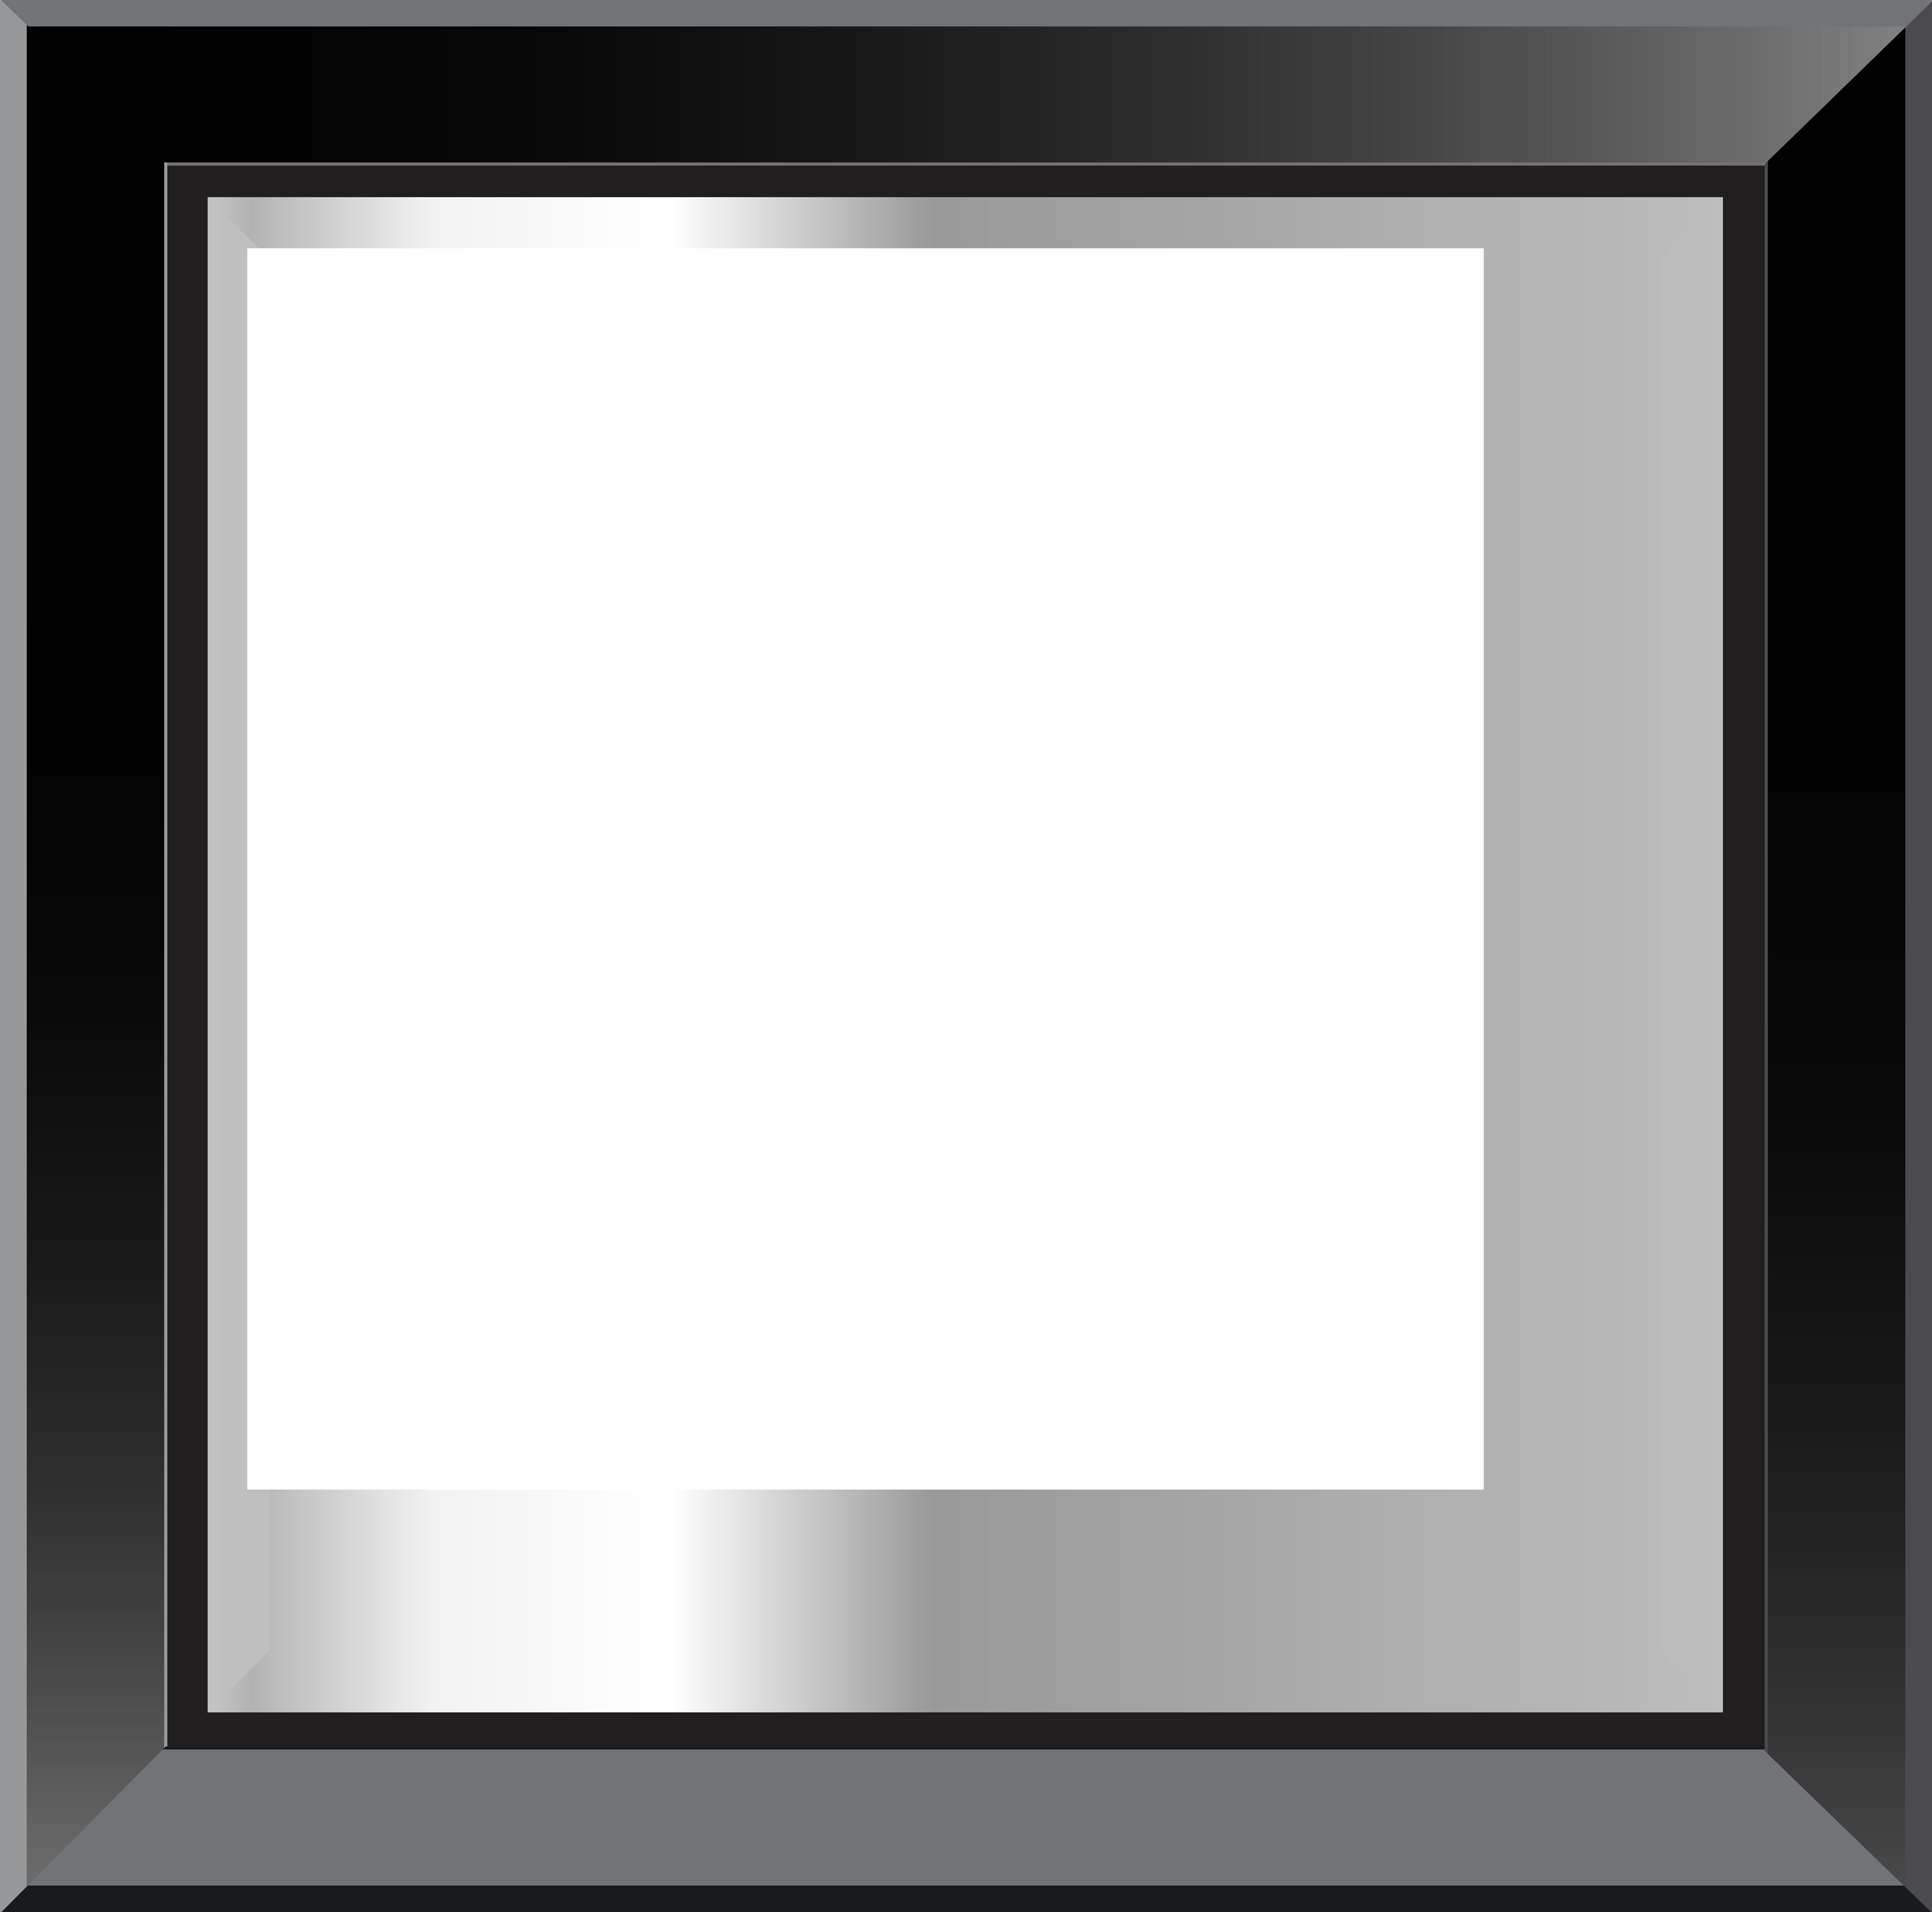 Black Classis Transparent PNG Frame.